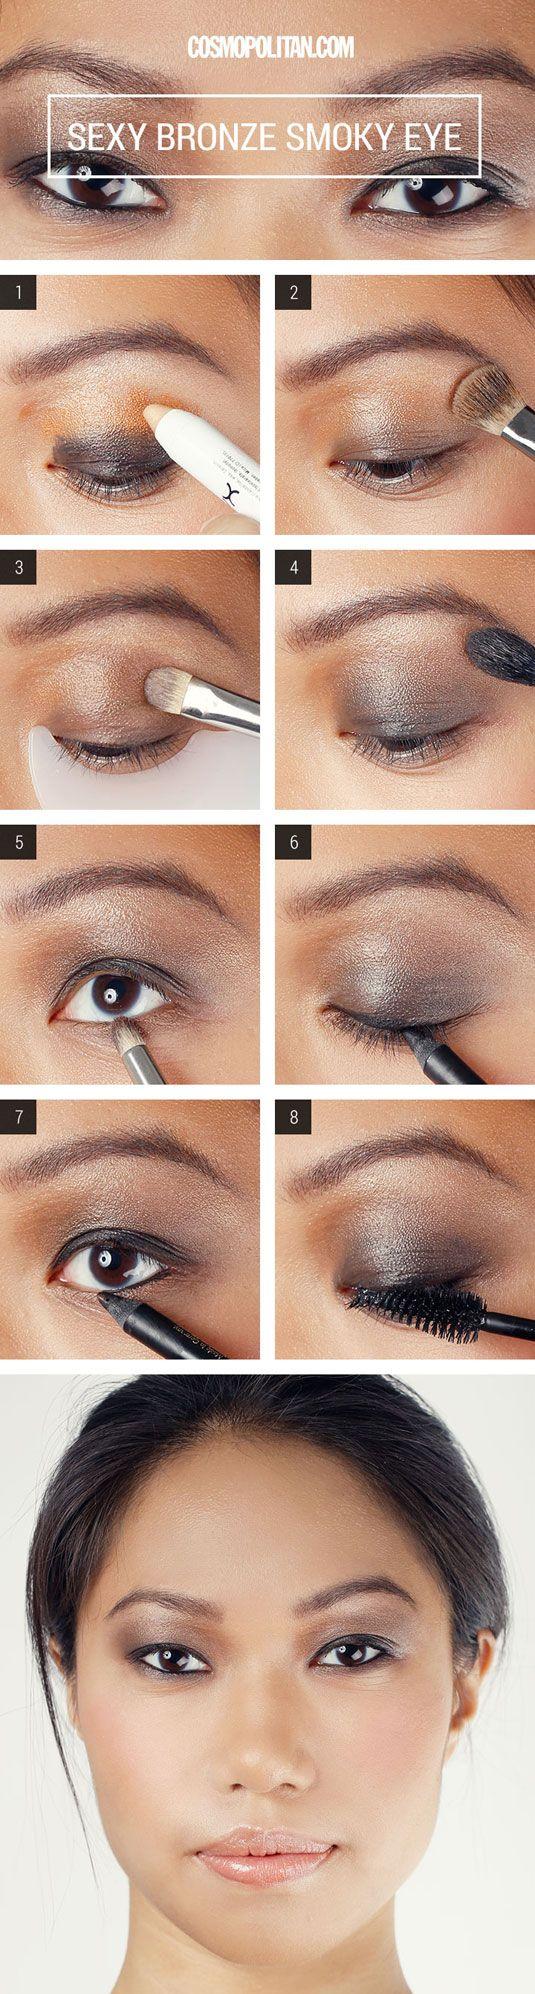 Sexy Eye Makeup Looks - Sexy Eye Makeup How Tos - Cosmopolitan